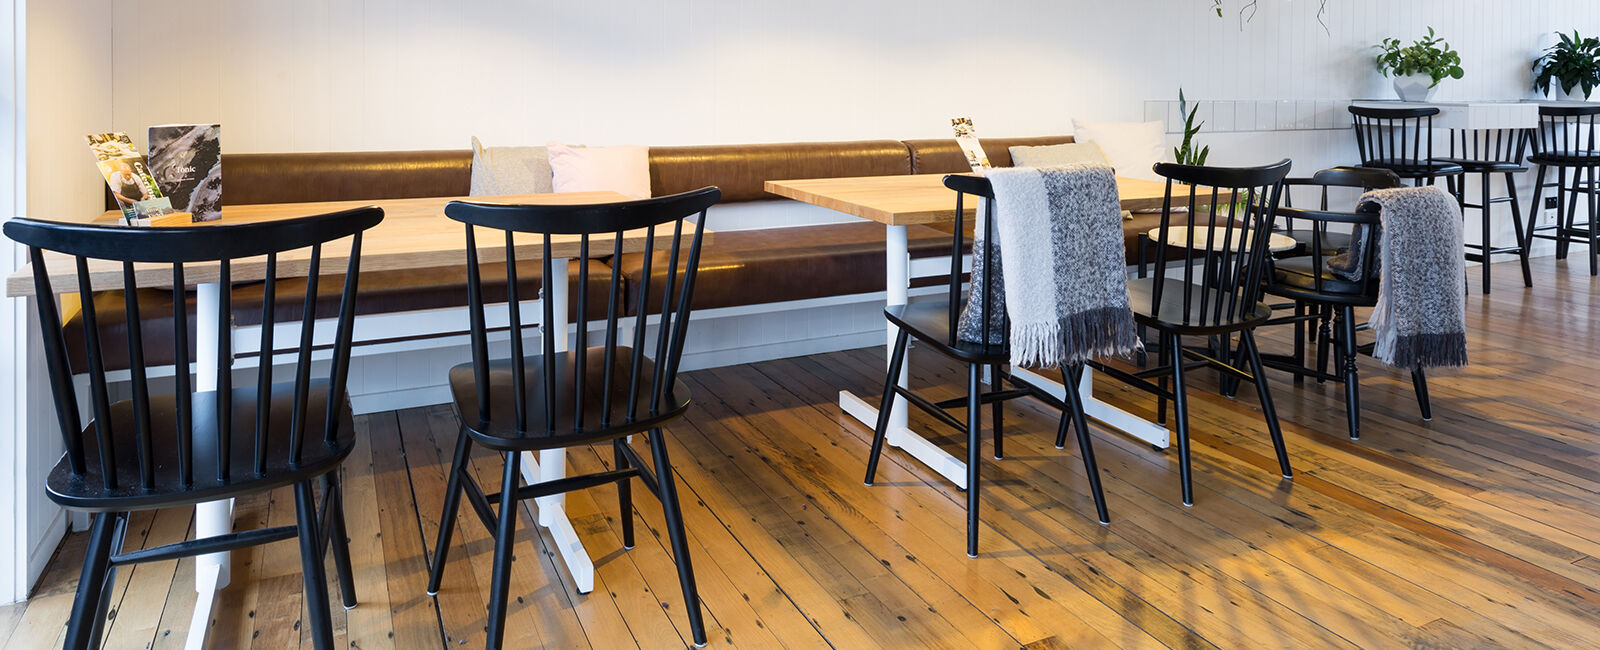 Terrace Kitchen Rotorua Cafe Furniture